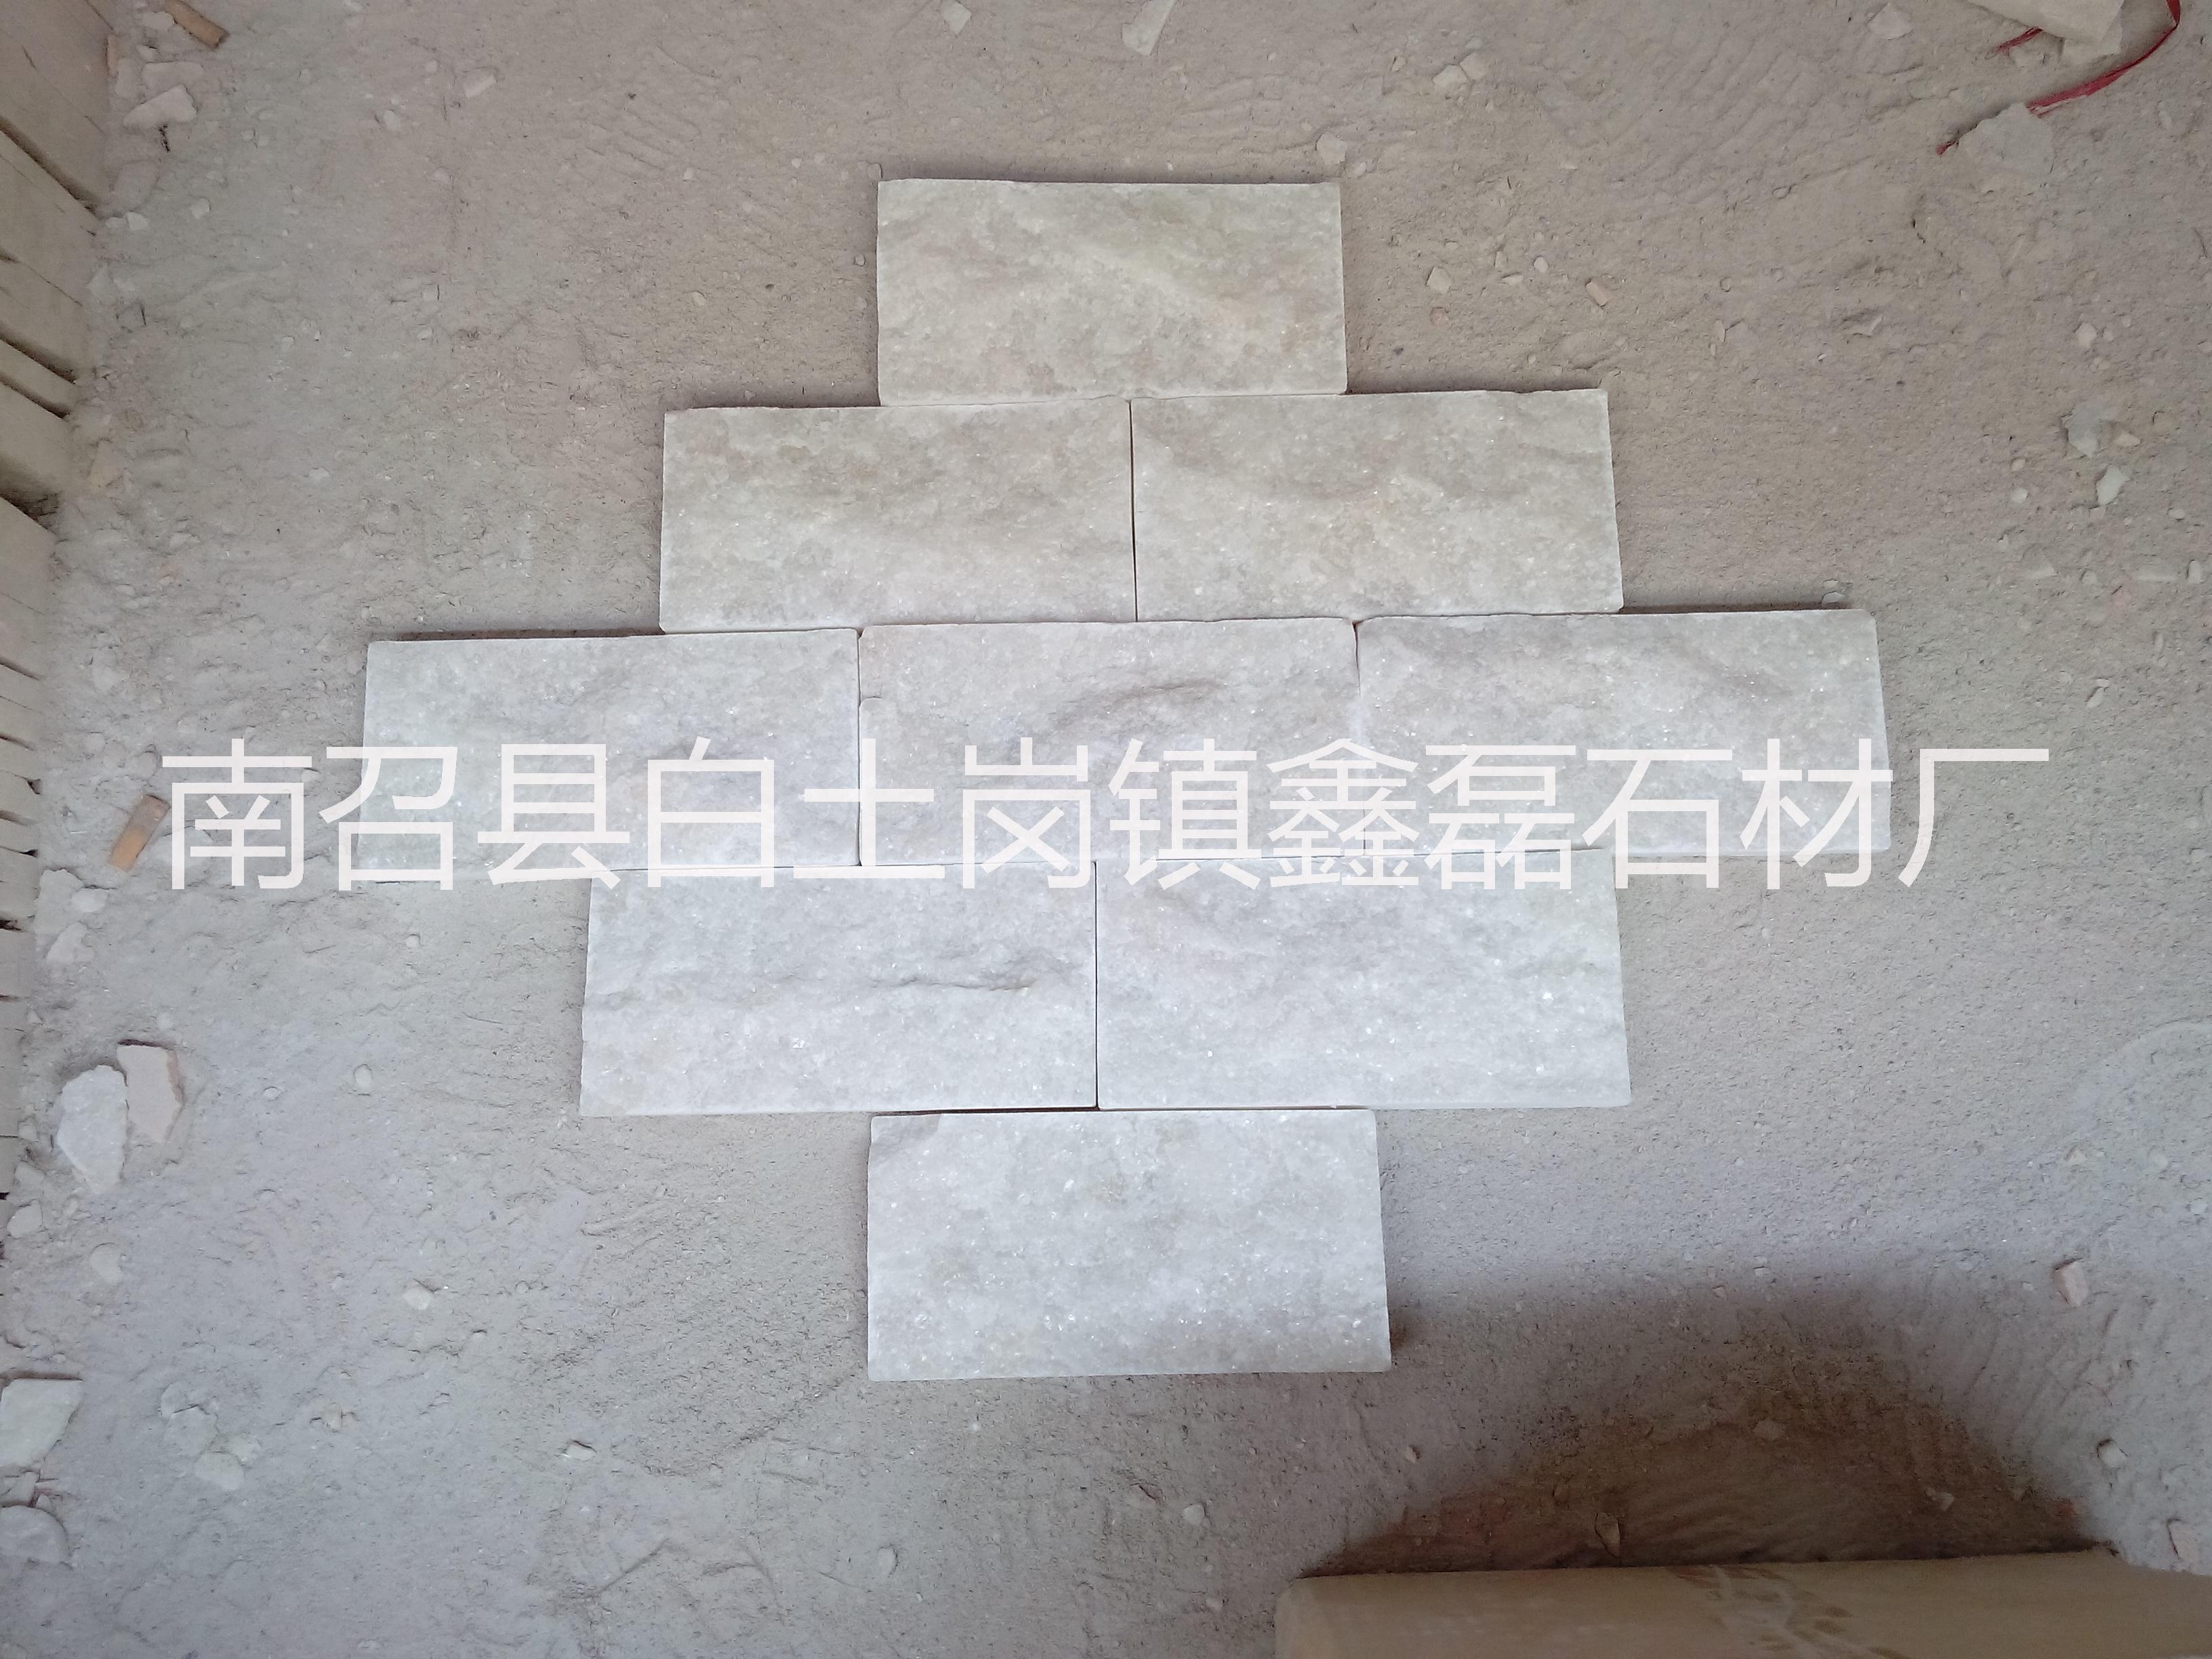 河南天然电视背景墙影视墙艺术石 河南天然自然面凹凸面瓷砖影视墙 河南蘑菇石外墙砖影视墙